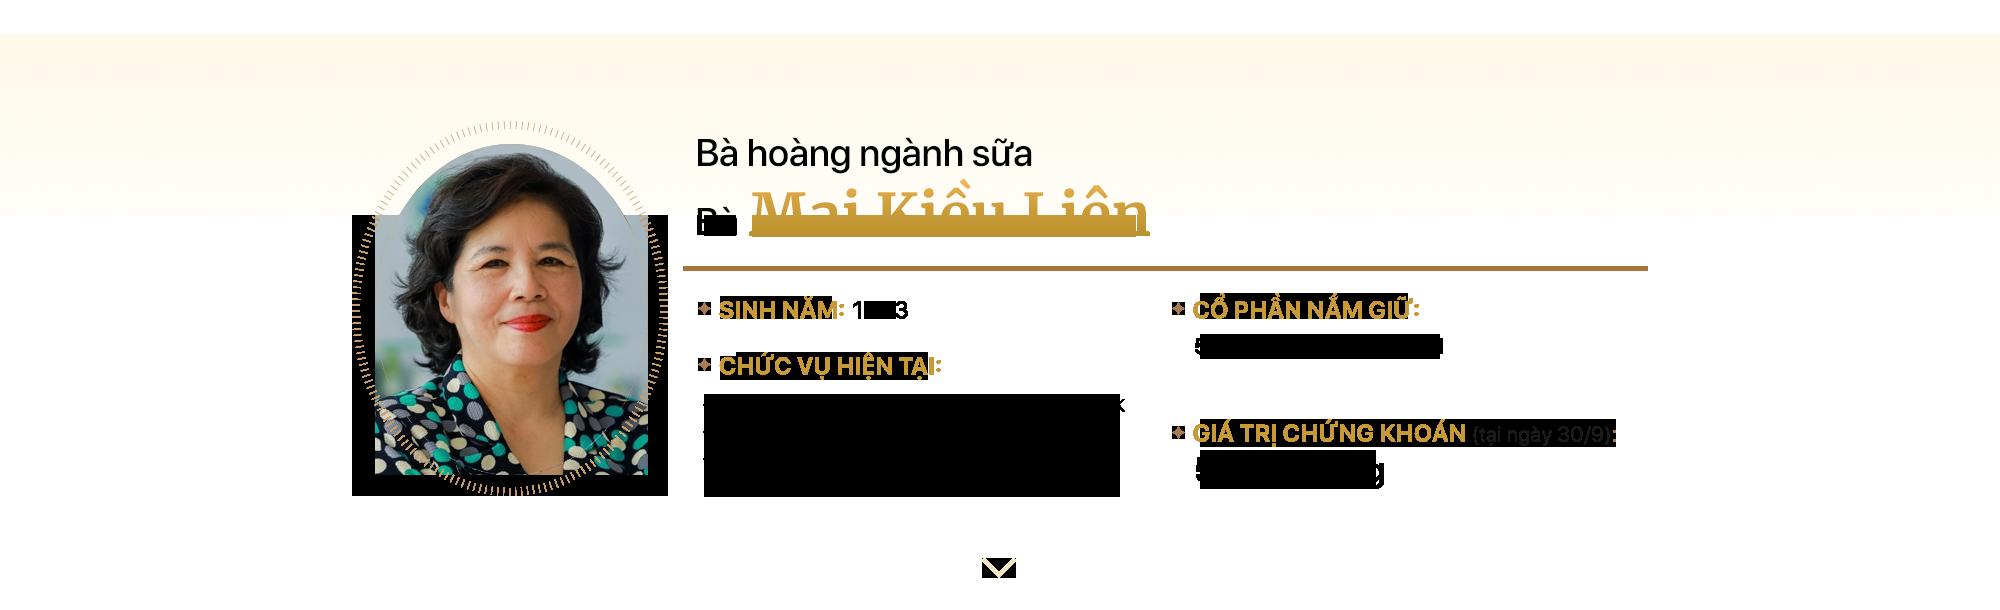 TOP10 NỮ DOANH NHÂN SỞ HỮU HÀNG TRIỆU USD CỔ PHIẾU TRÊN TTCK VIỆT NAM - Ảnh 10.